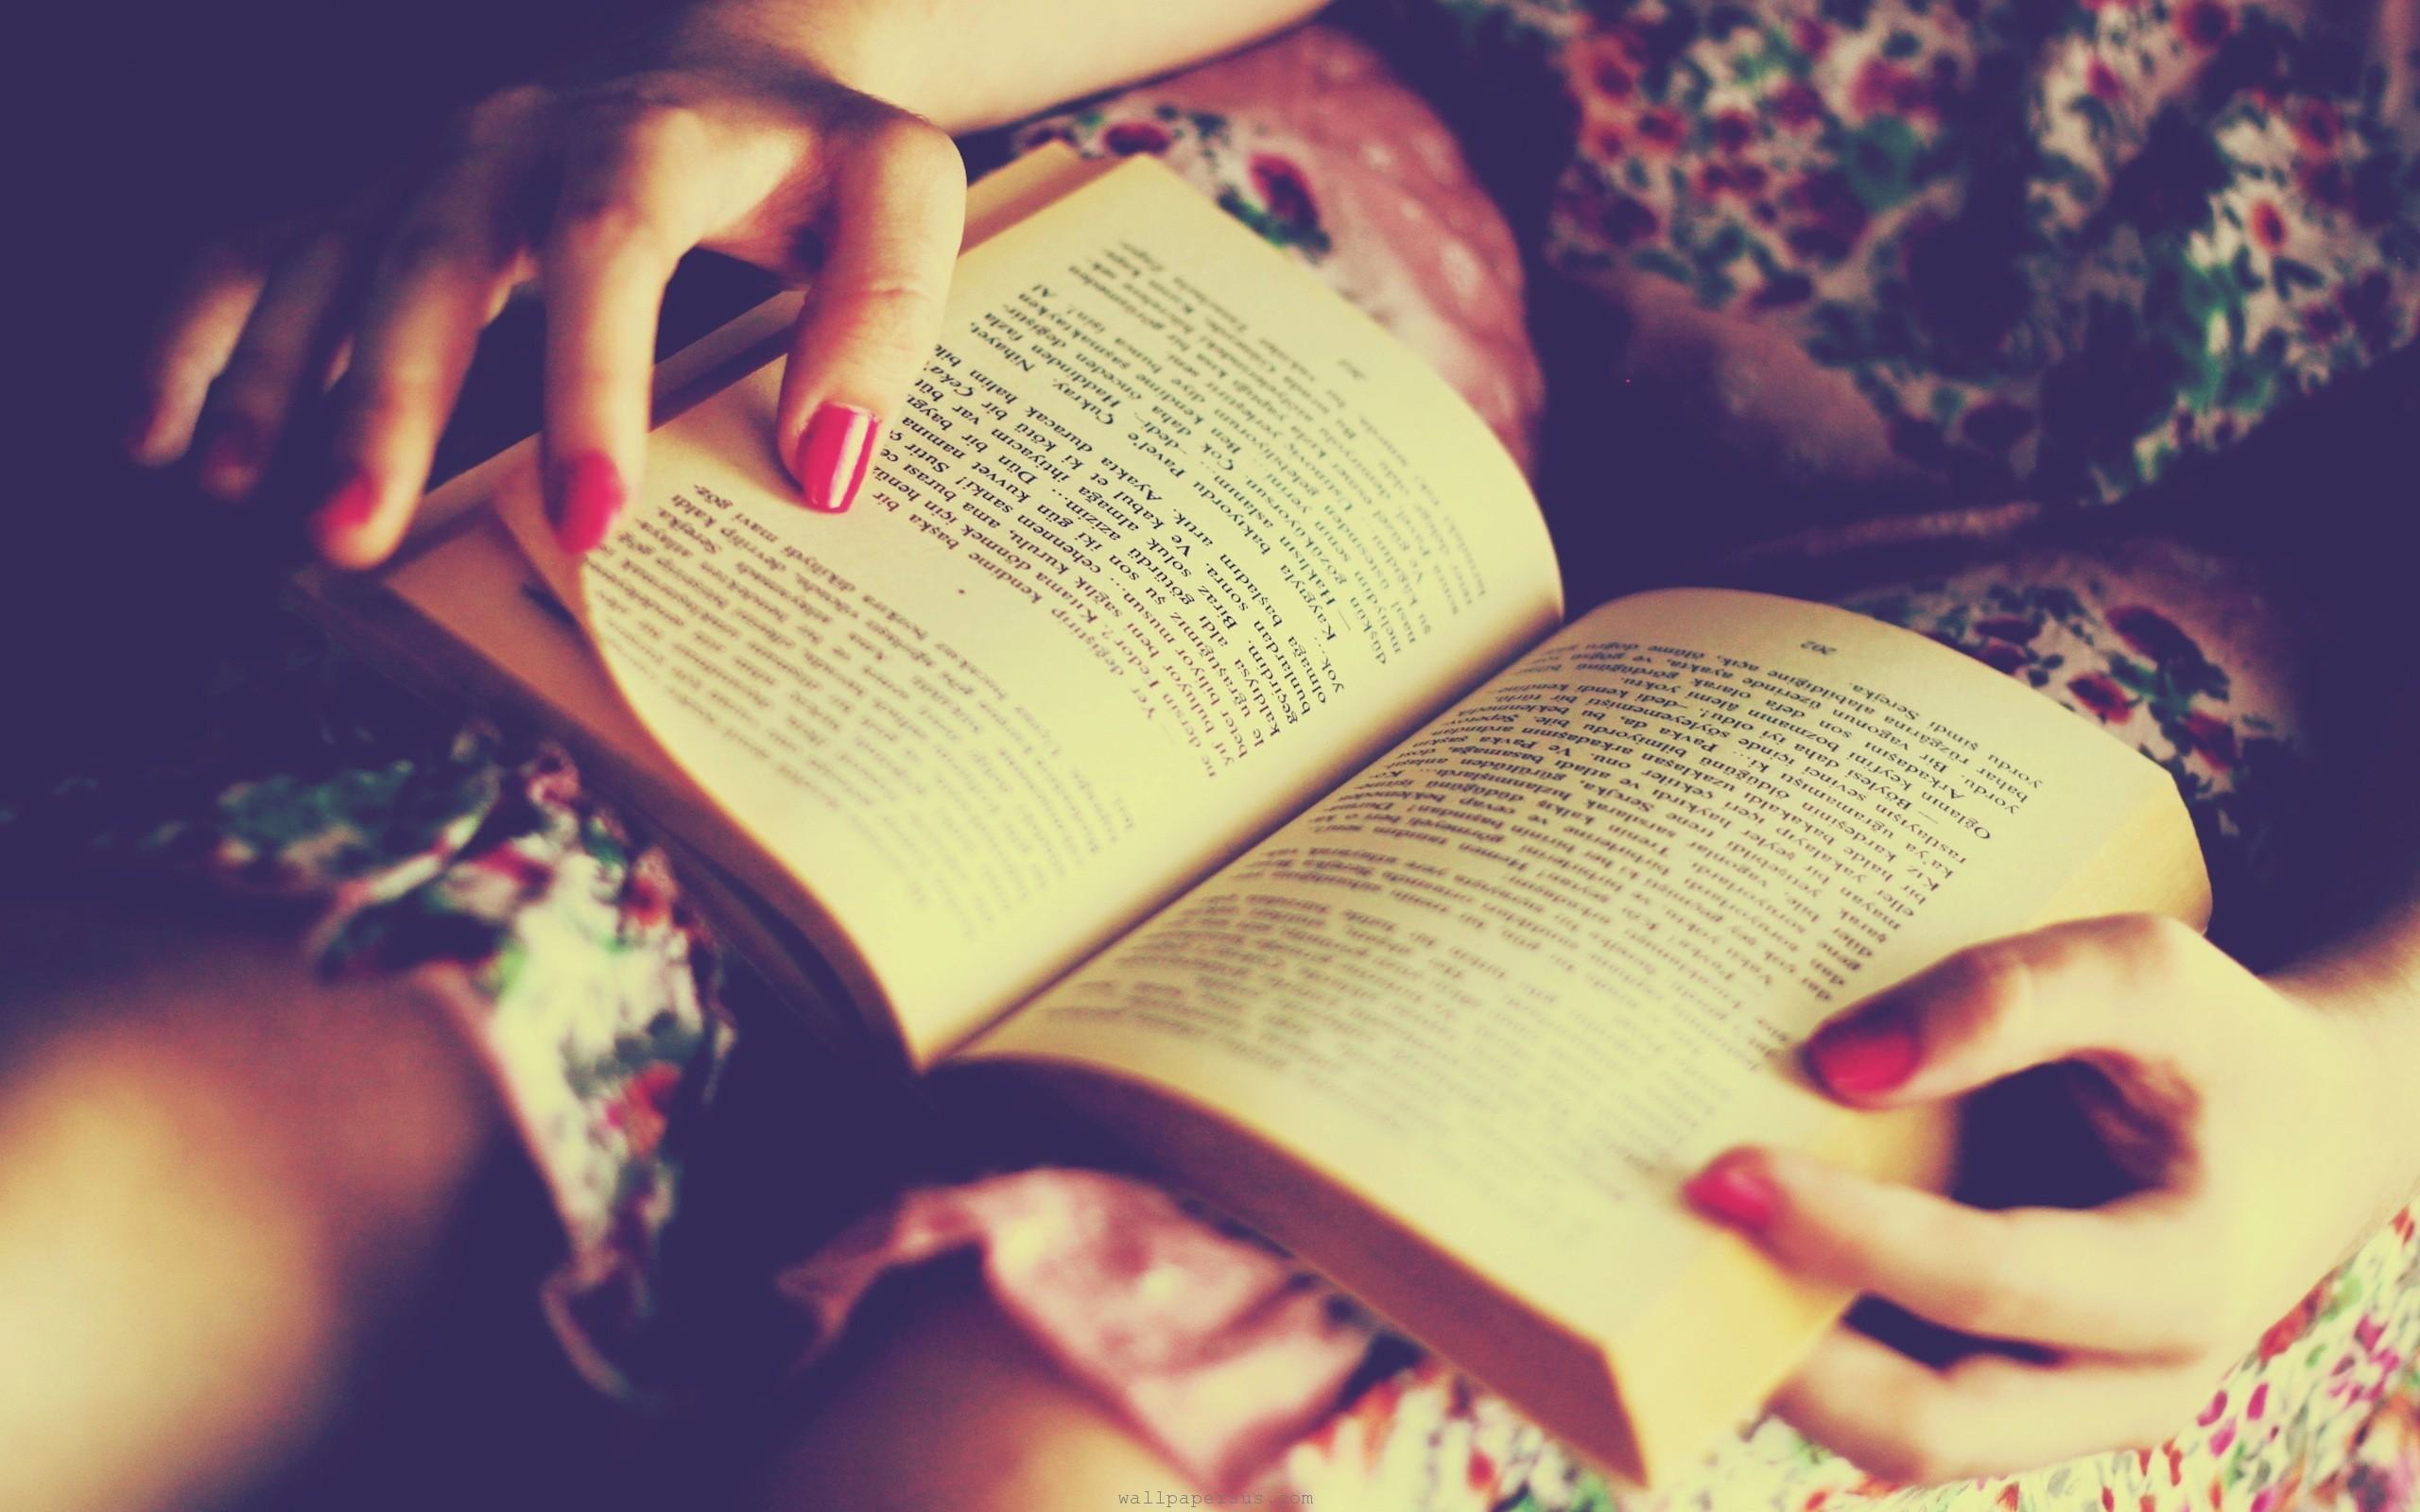 Día Mundial del Libro: la lectura tiene múltiples beneficios para nuestro cerebro